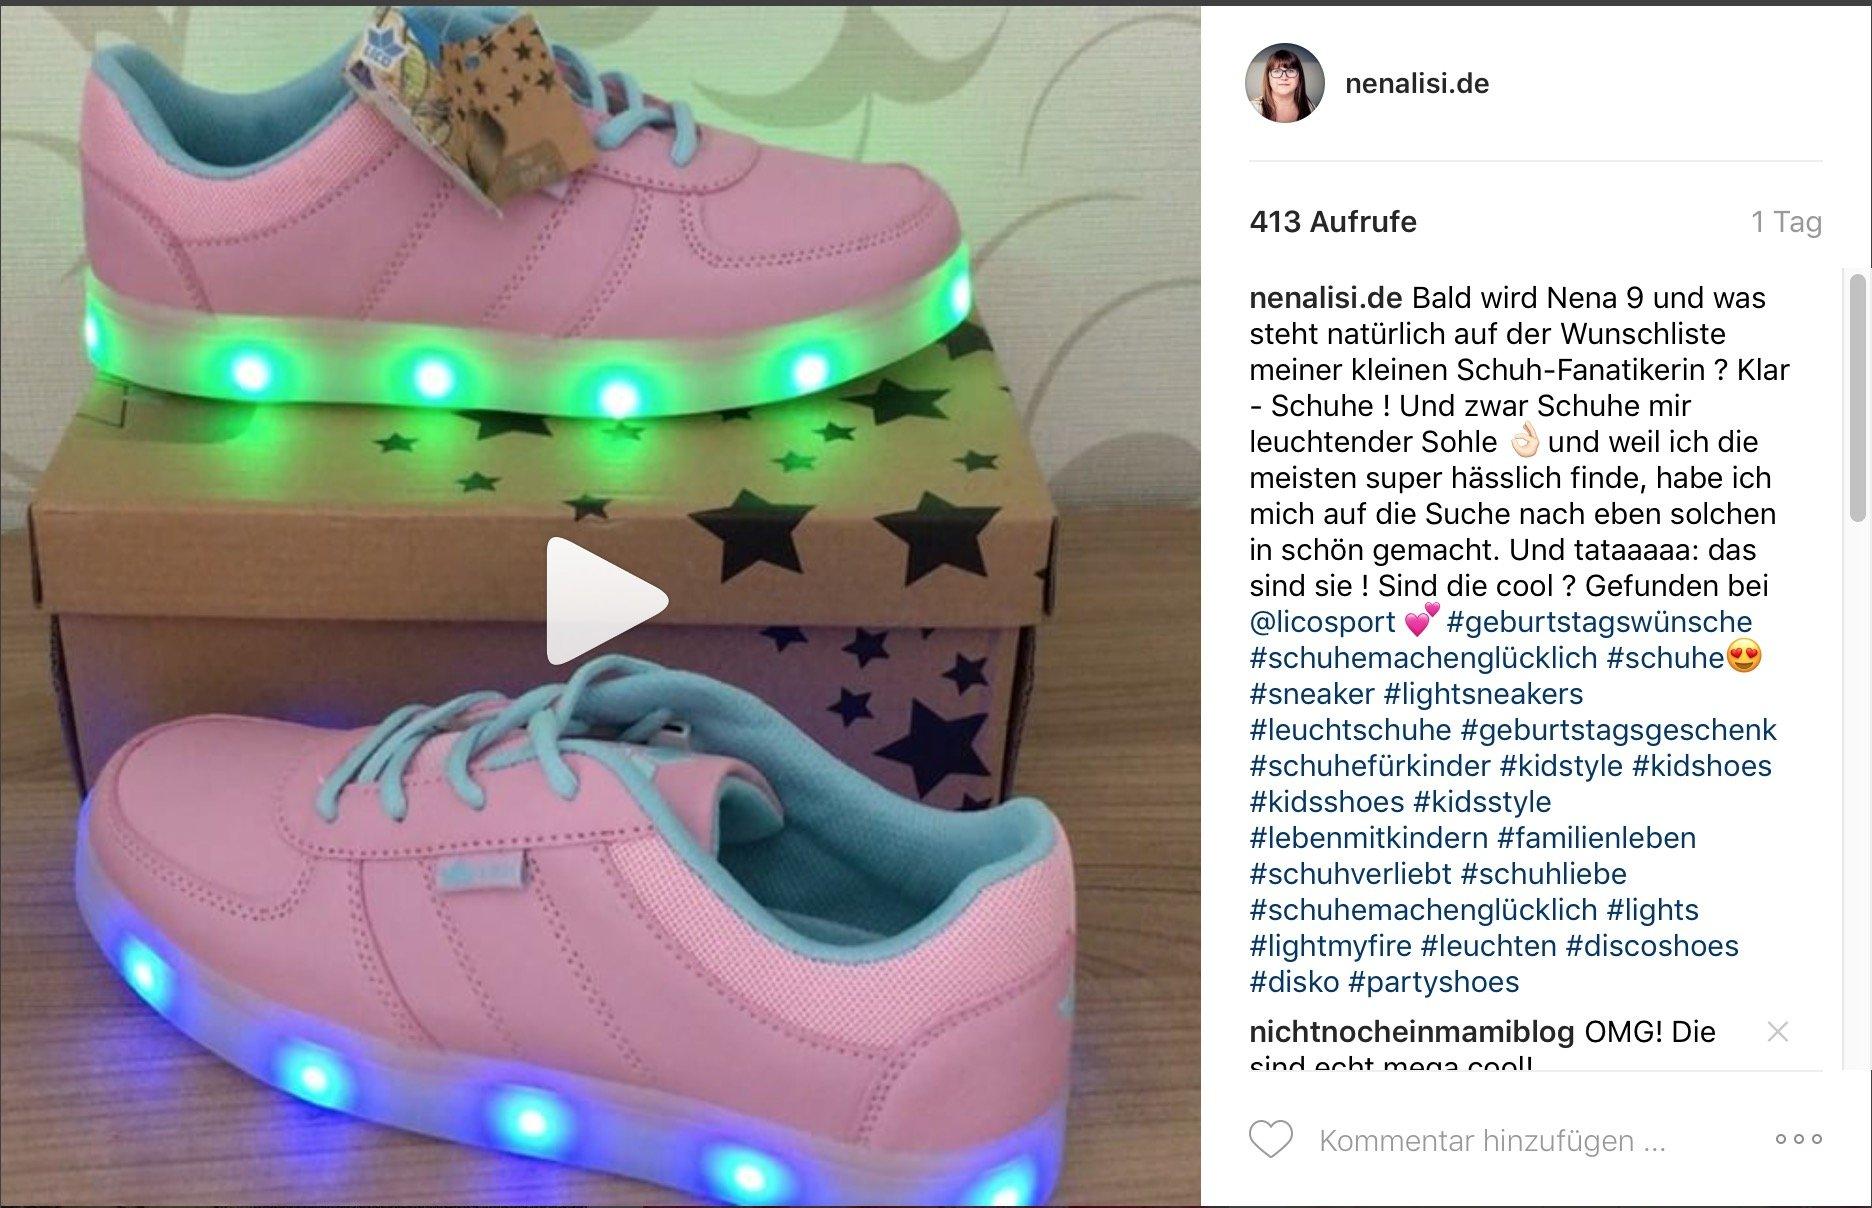 Schuhe mit leuchtender sohle schön